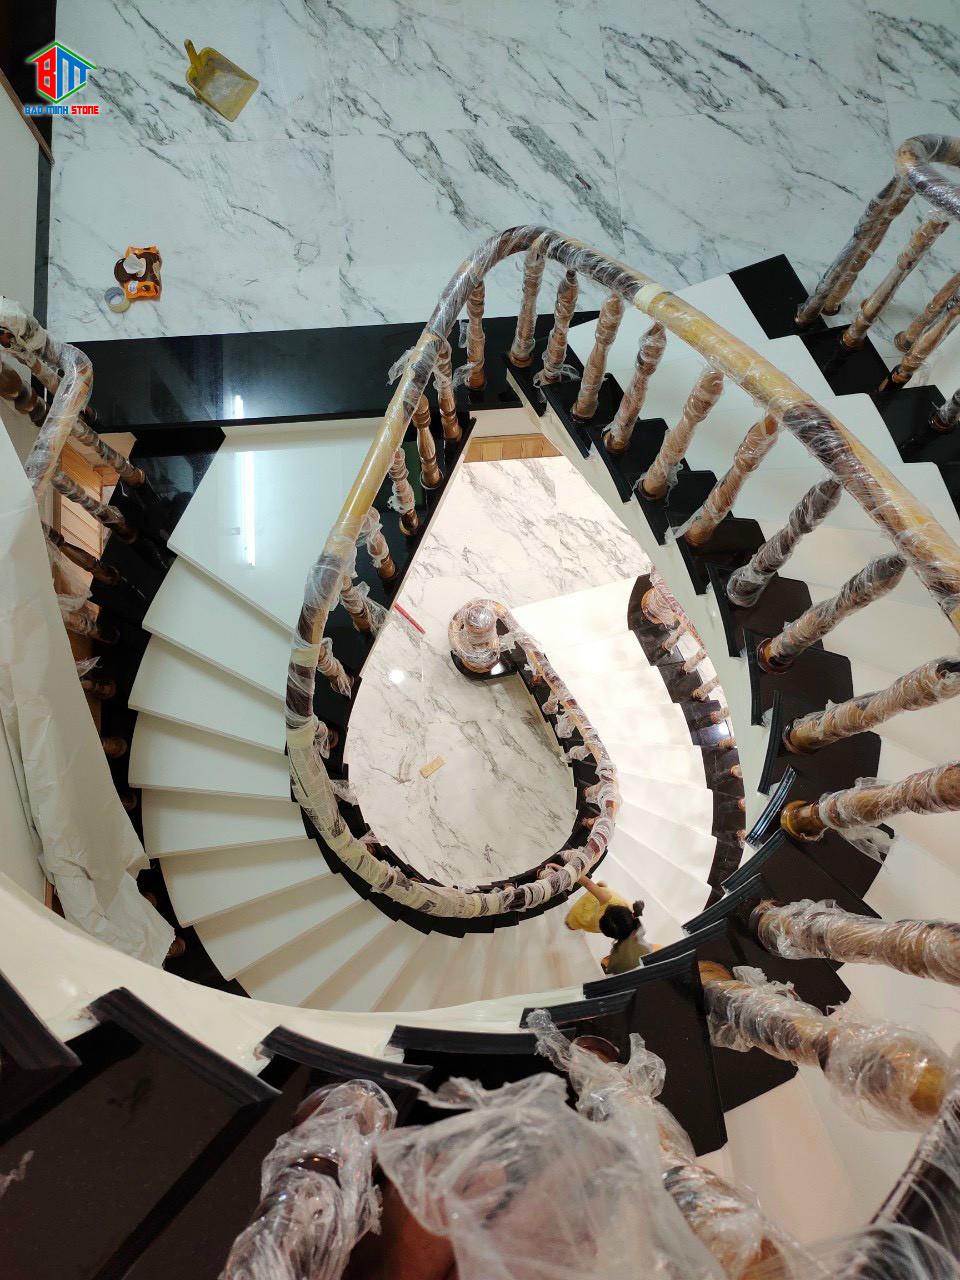 Báo giá đá ốp cầu thang mới nhất hôm nay